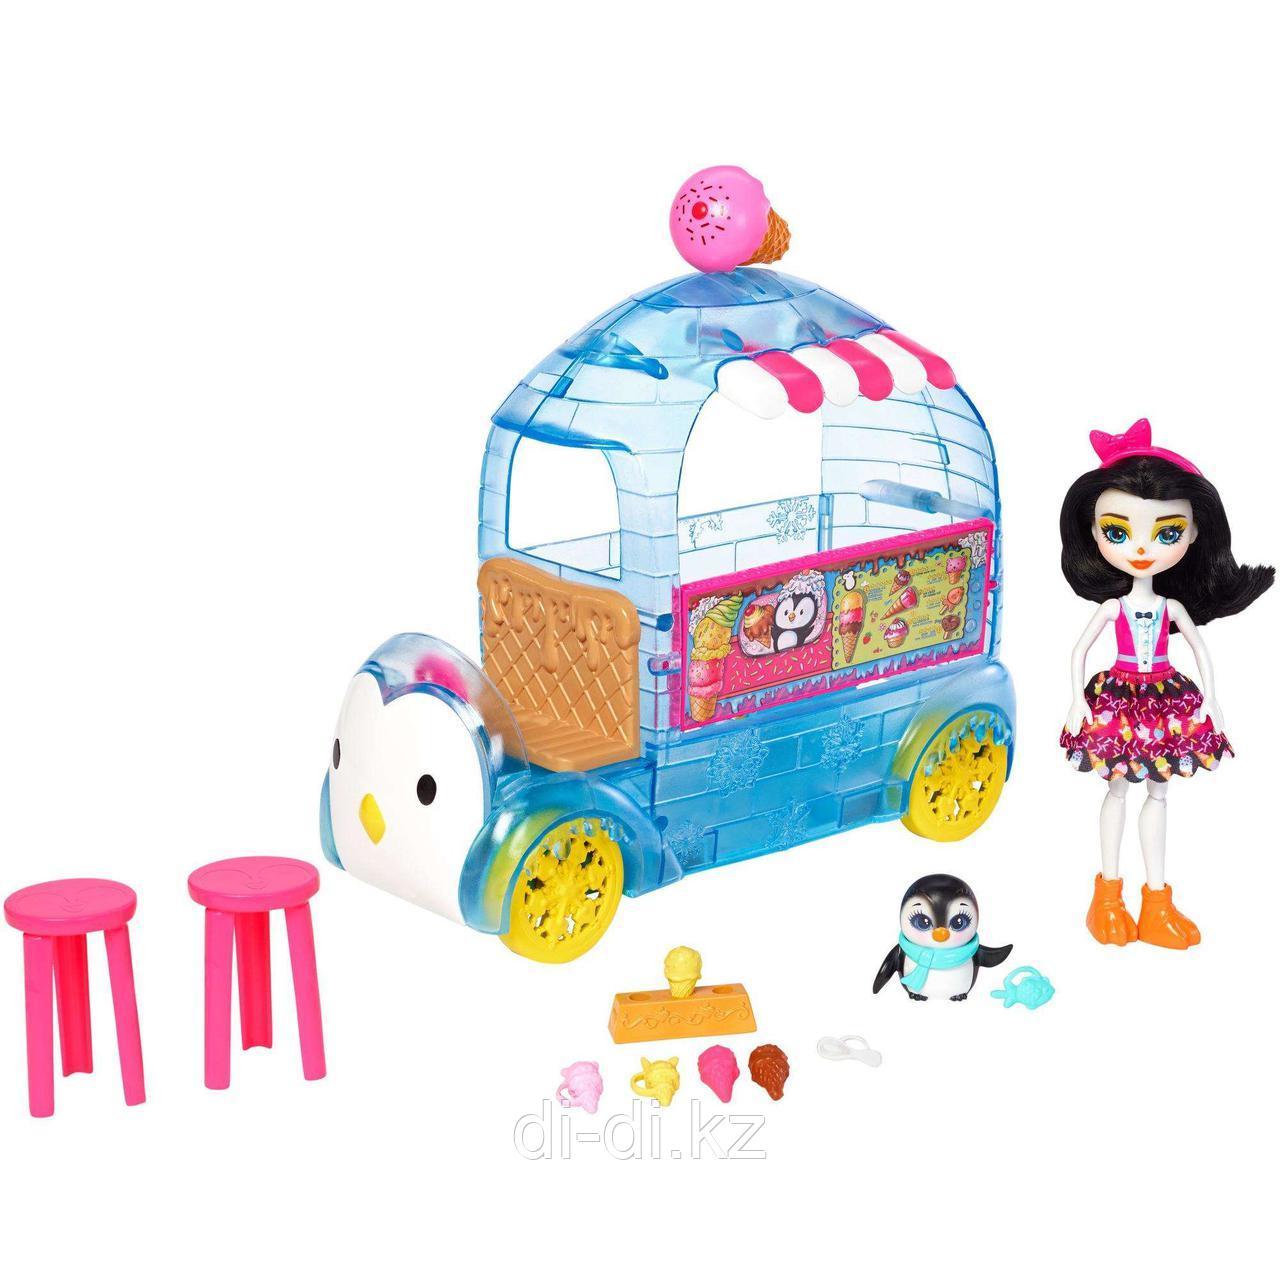 Игровой набор Enchantimals - Фургончик мороженого Прины Пингвины